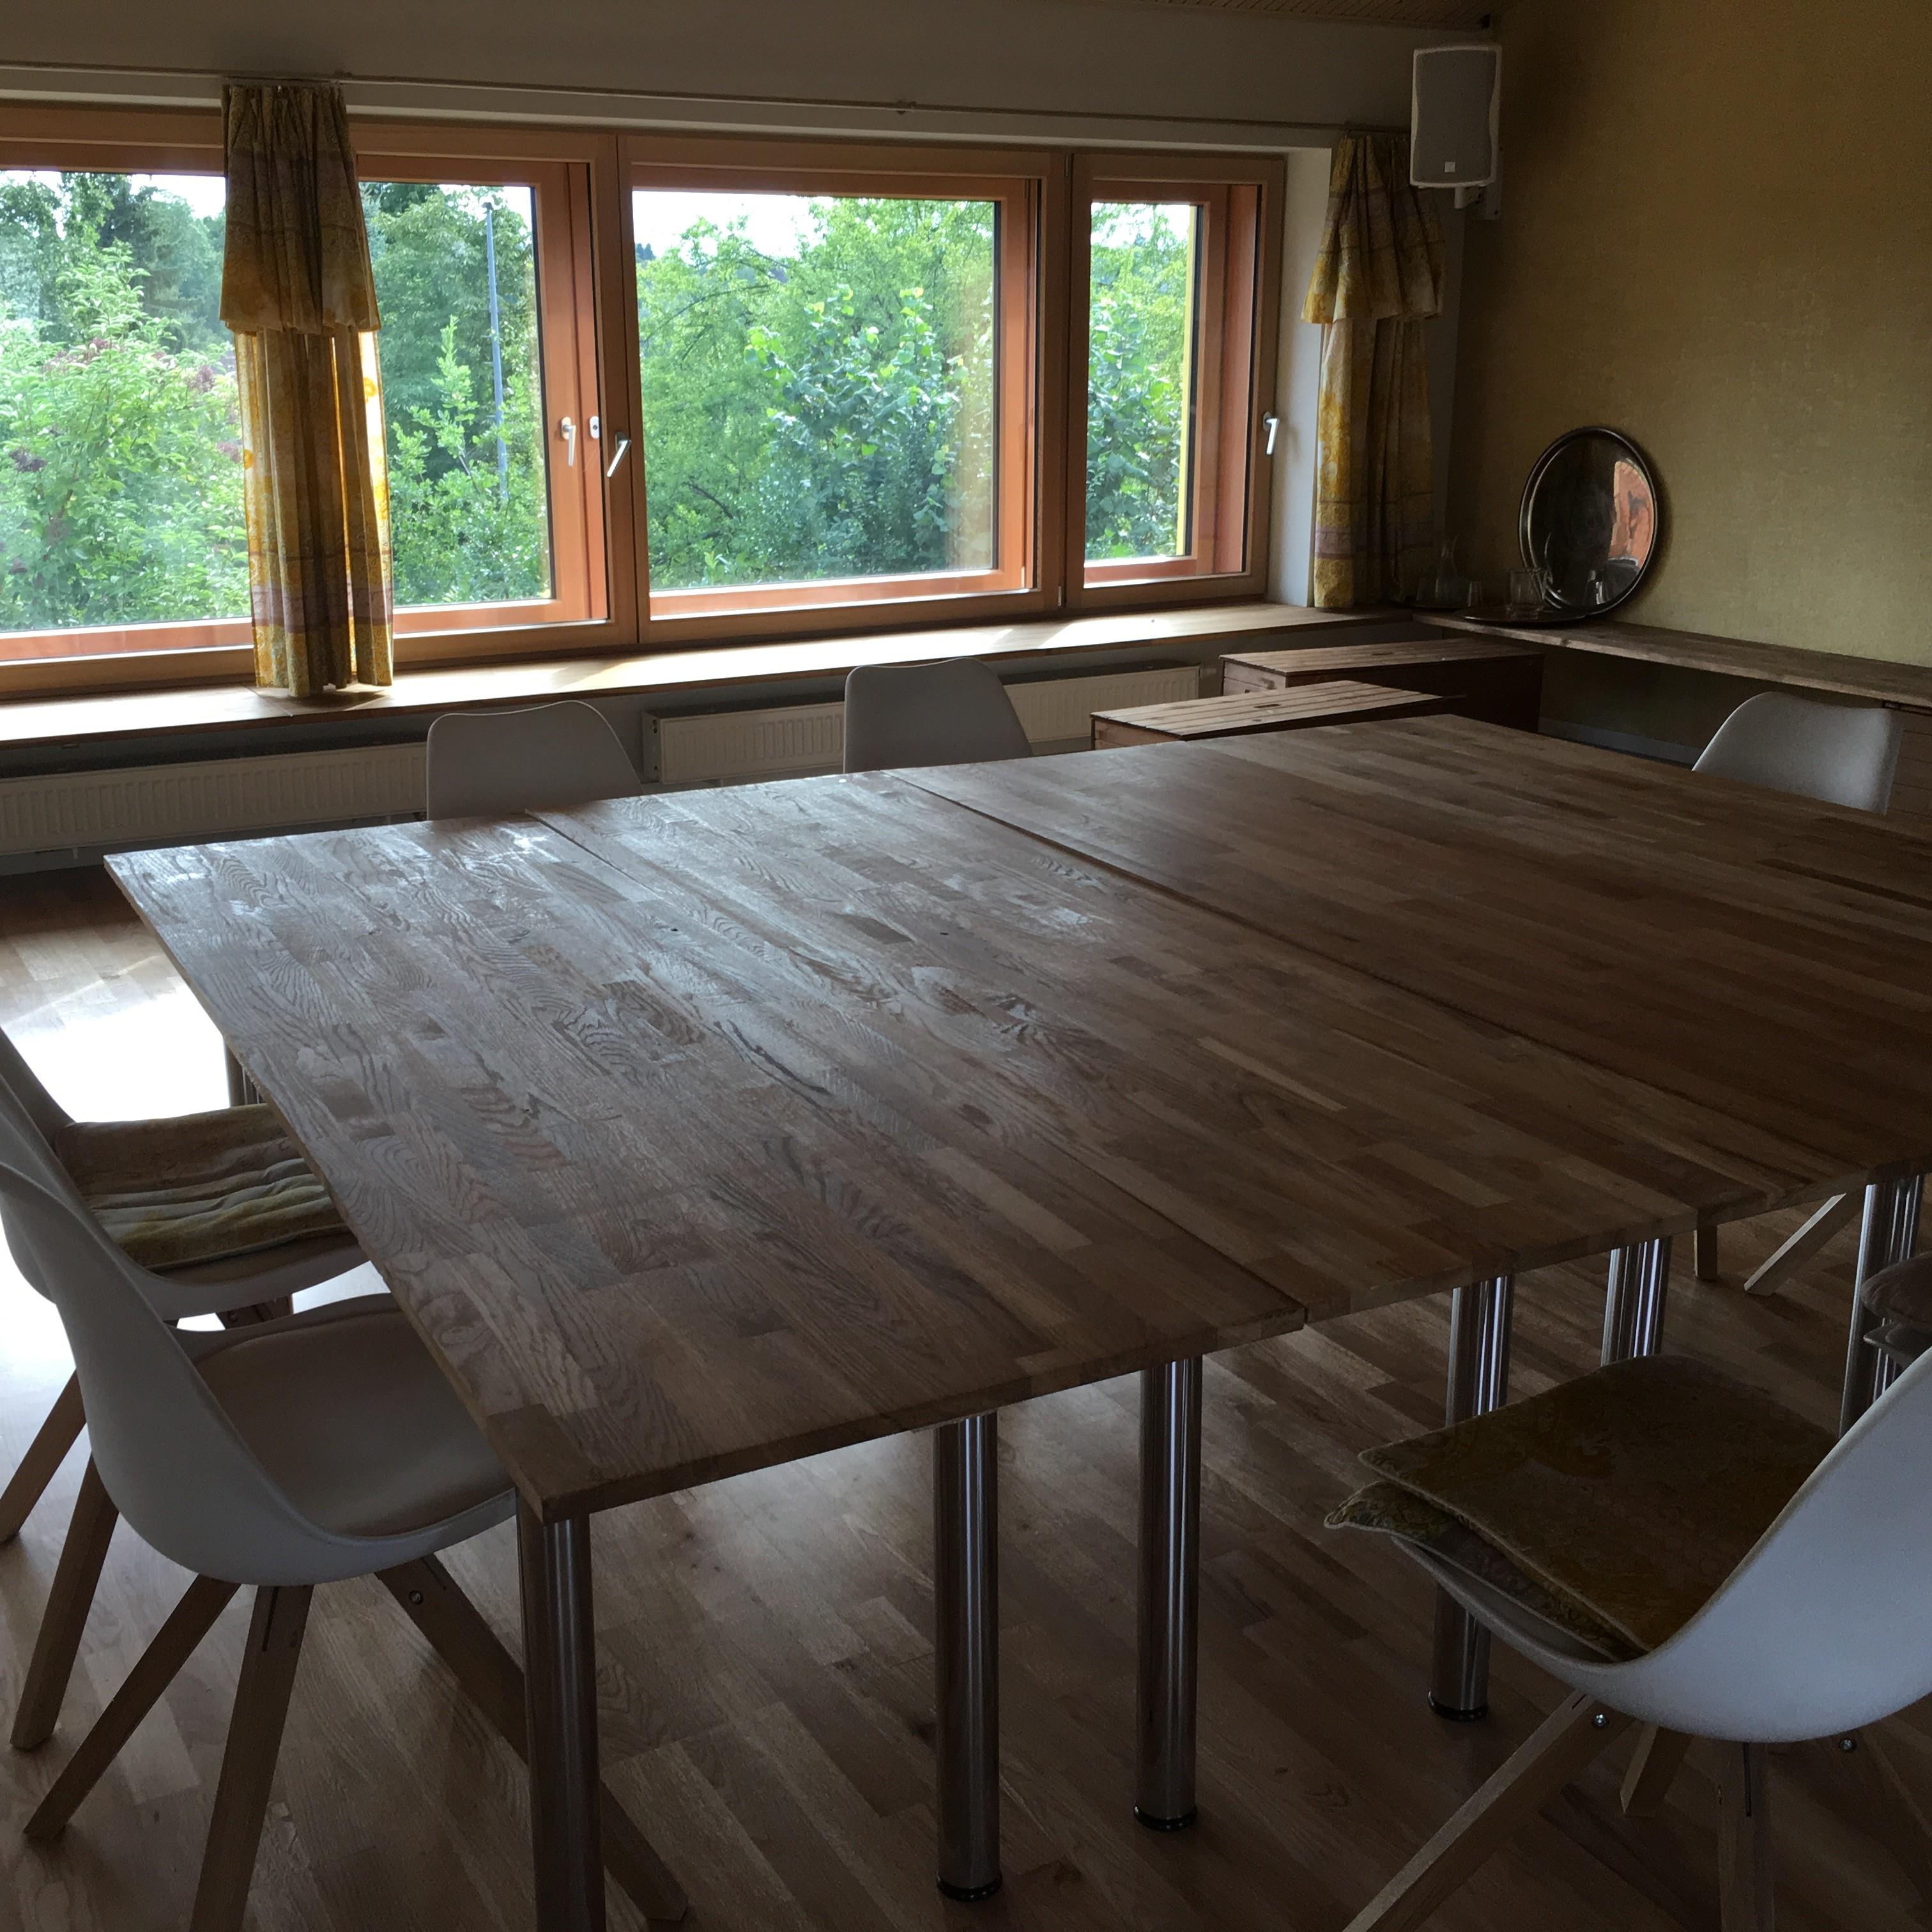 T-Raum Tische von oben